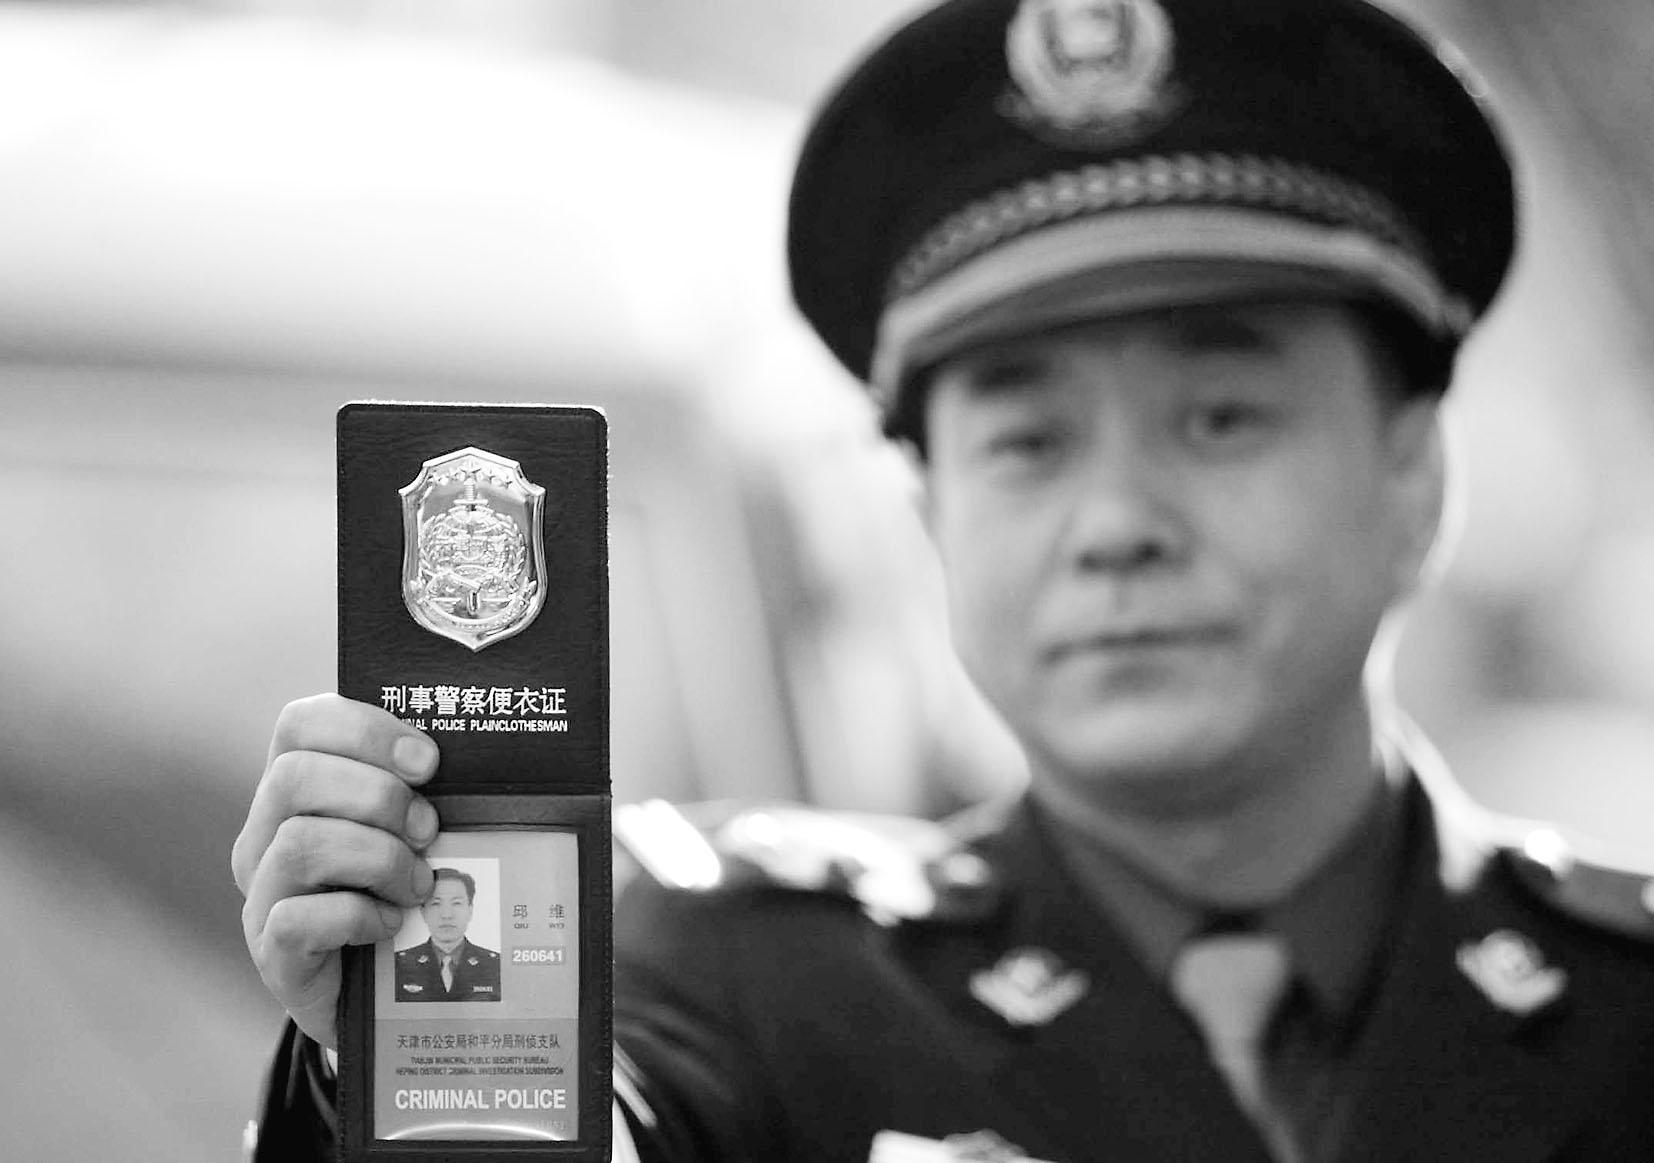 交通执法证图片_新式警察执法证样图_青年图片搜索